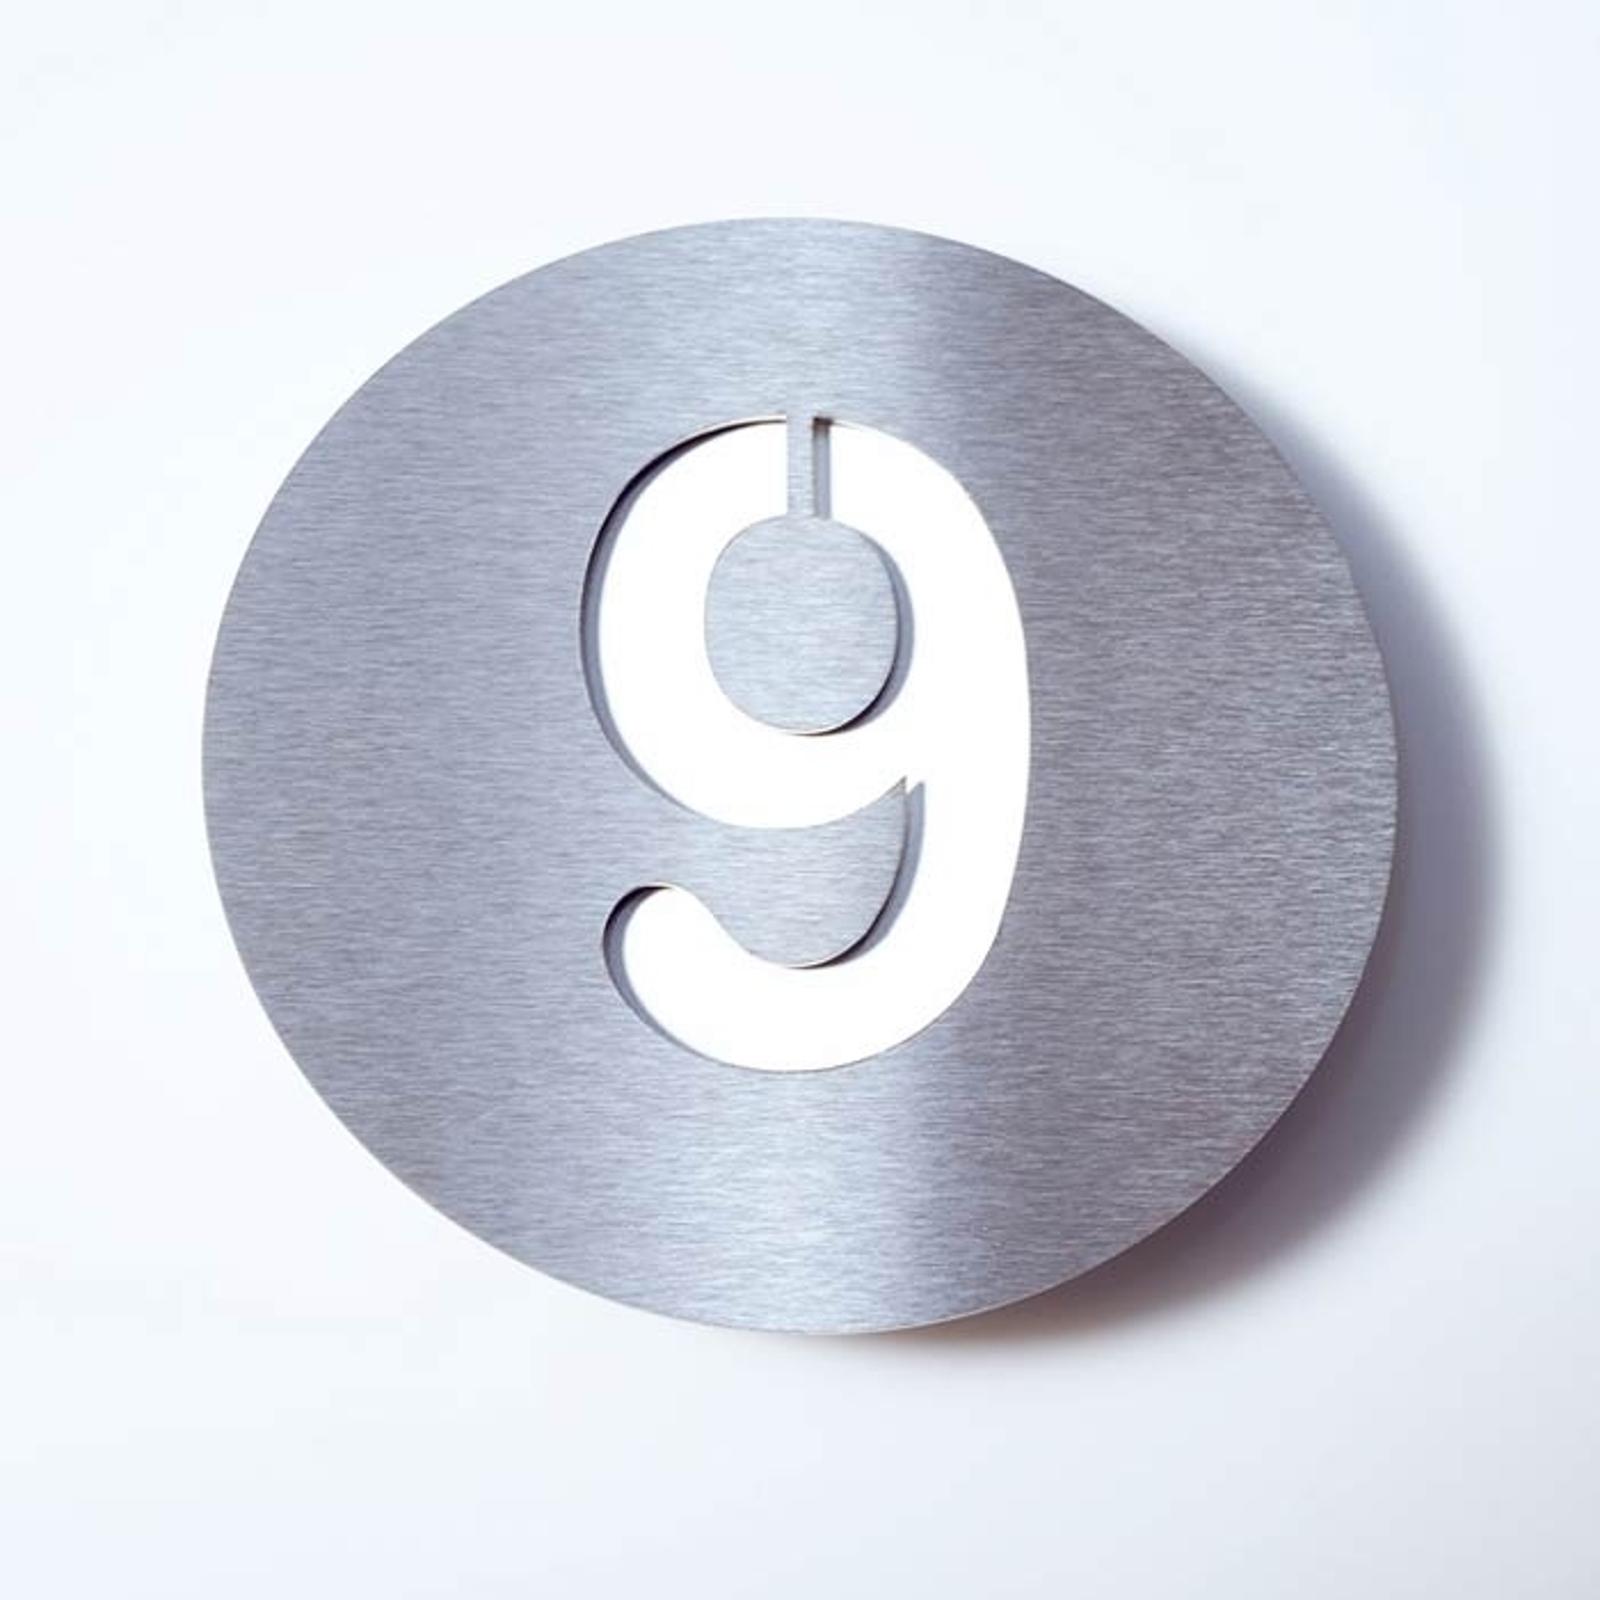 Hausnummer Round aus Edelstahl - 9